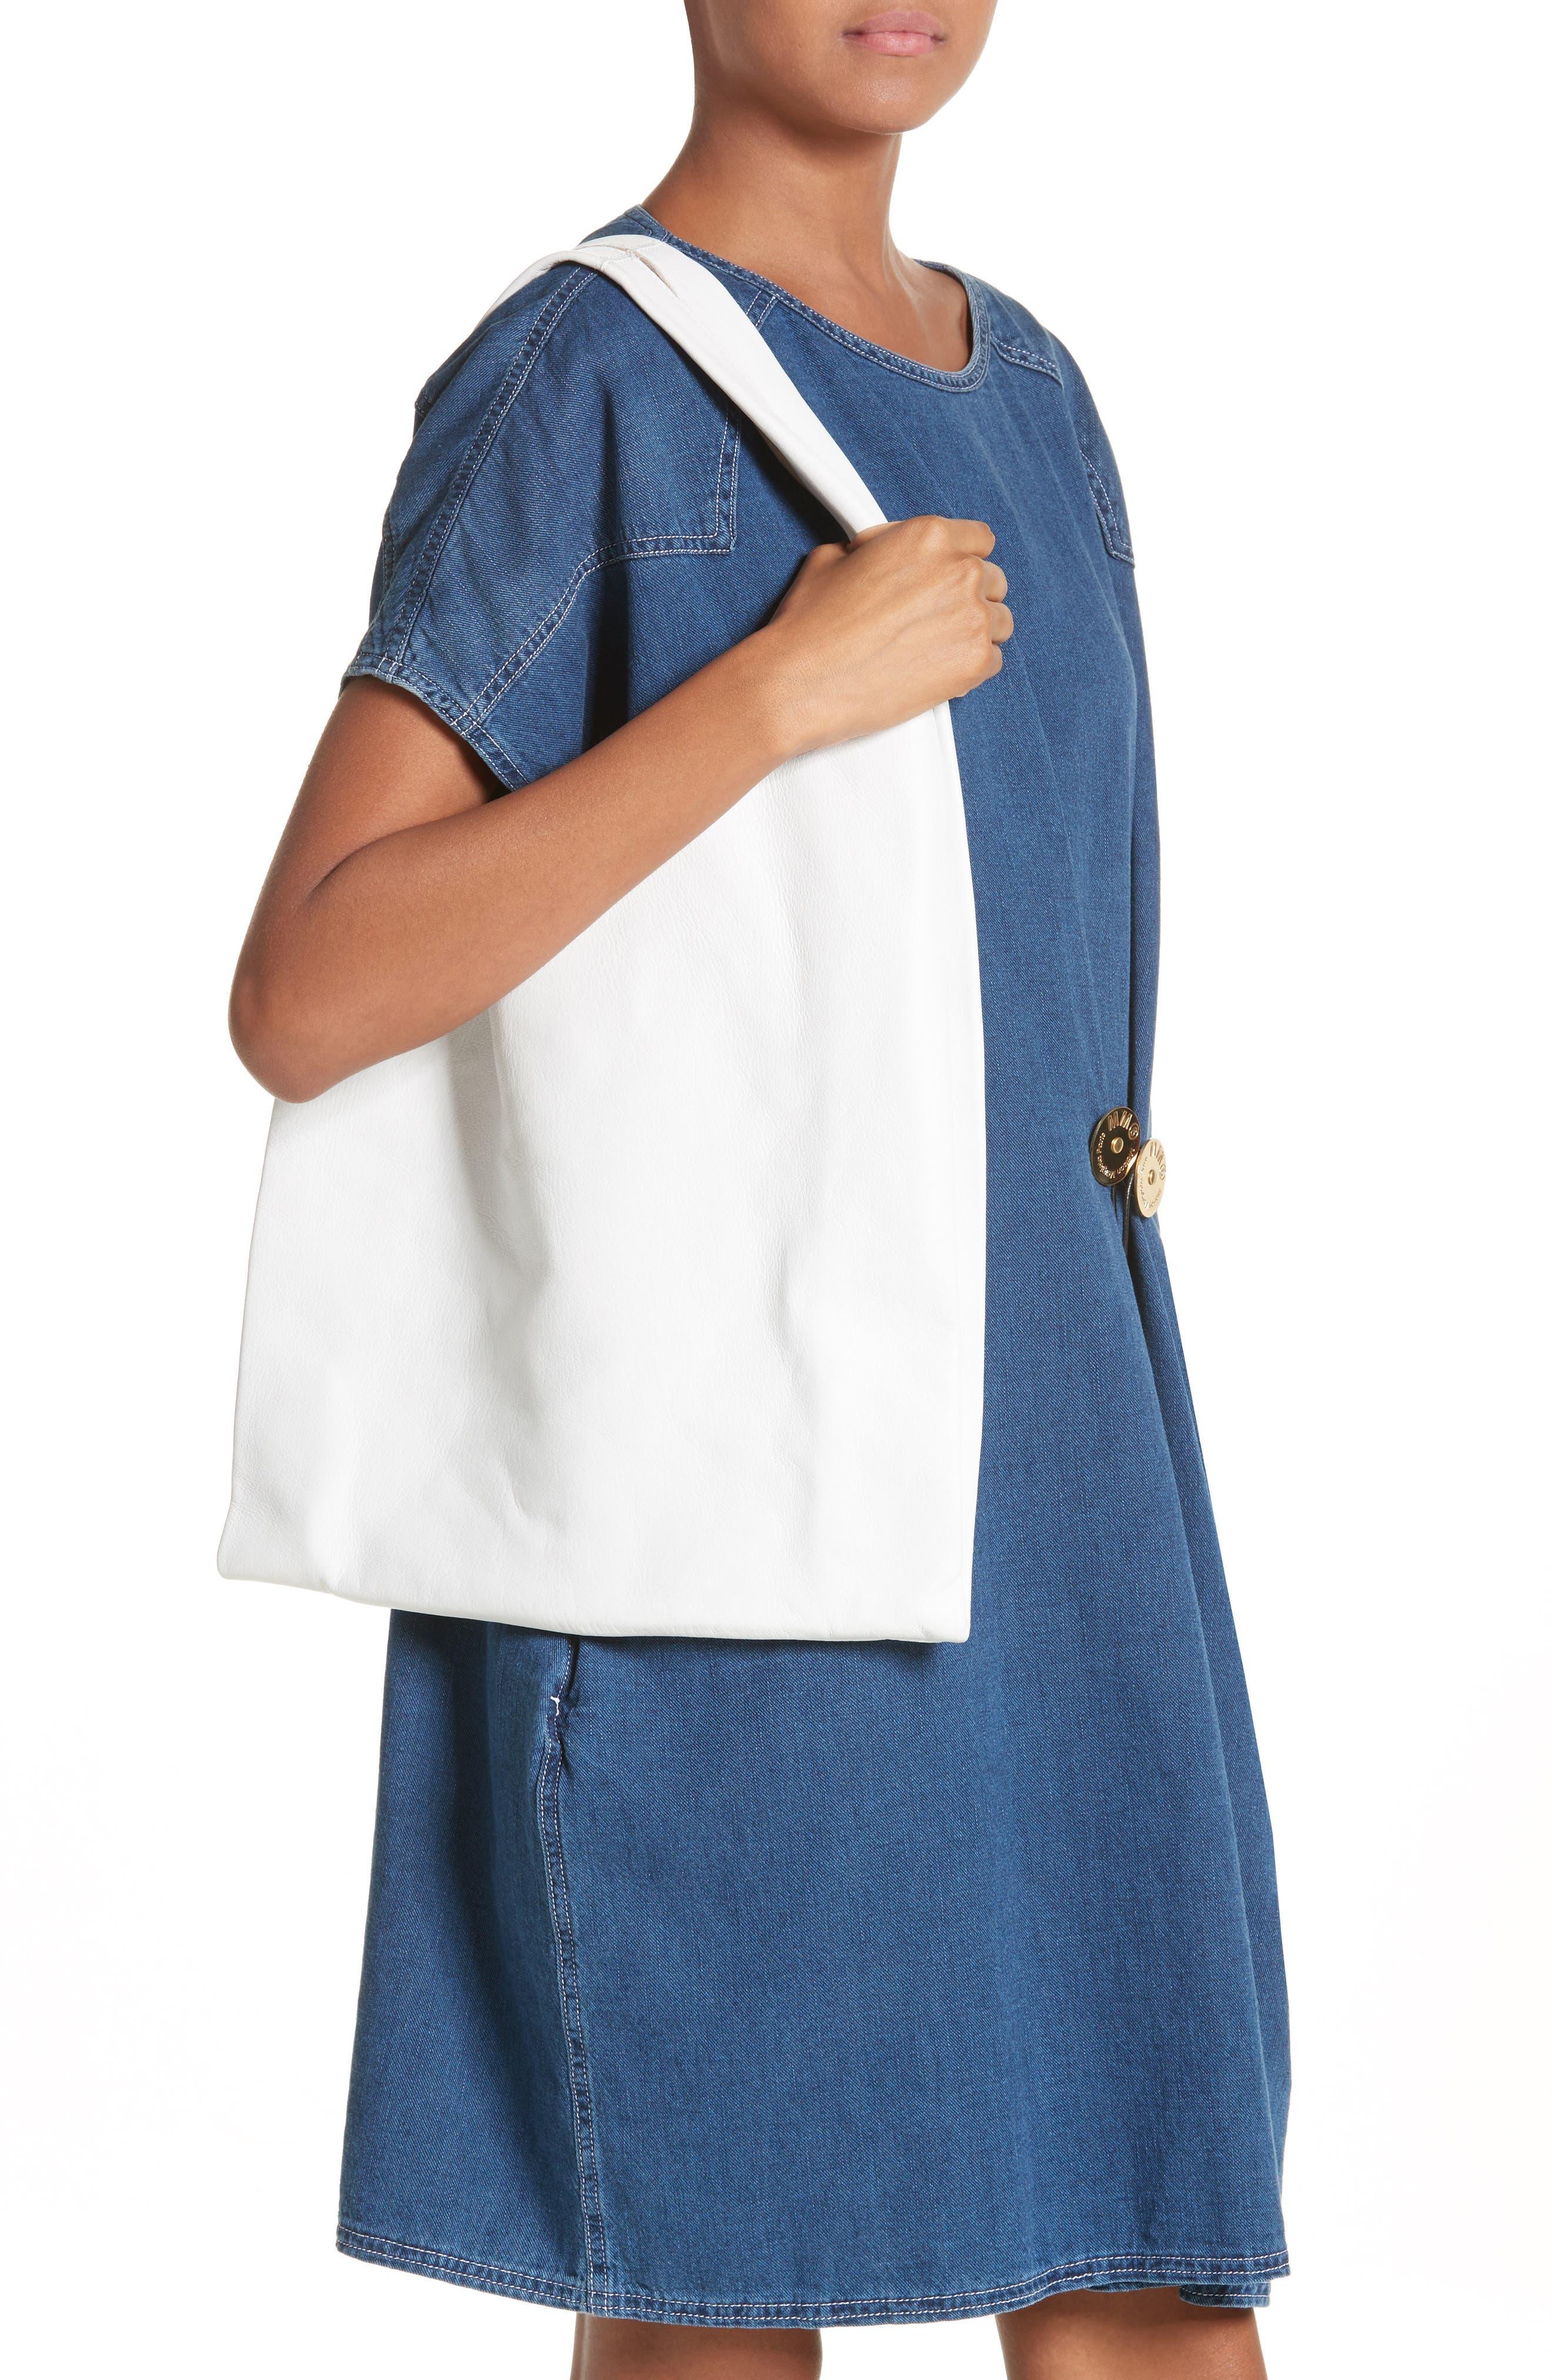 Calfskin Leather Shopper,                             Alternate thumbnail 2, color,                             White